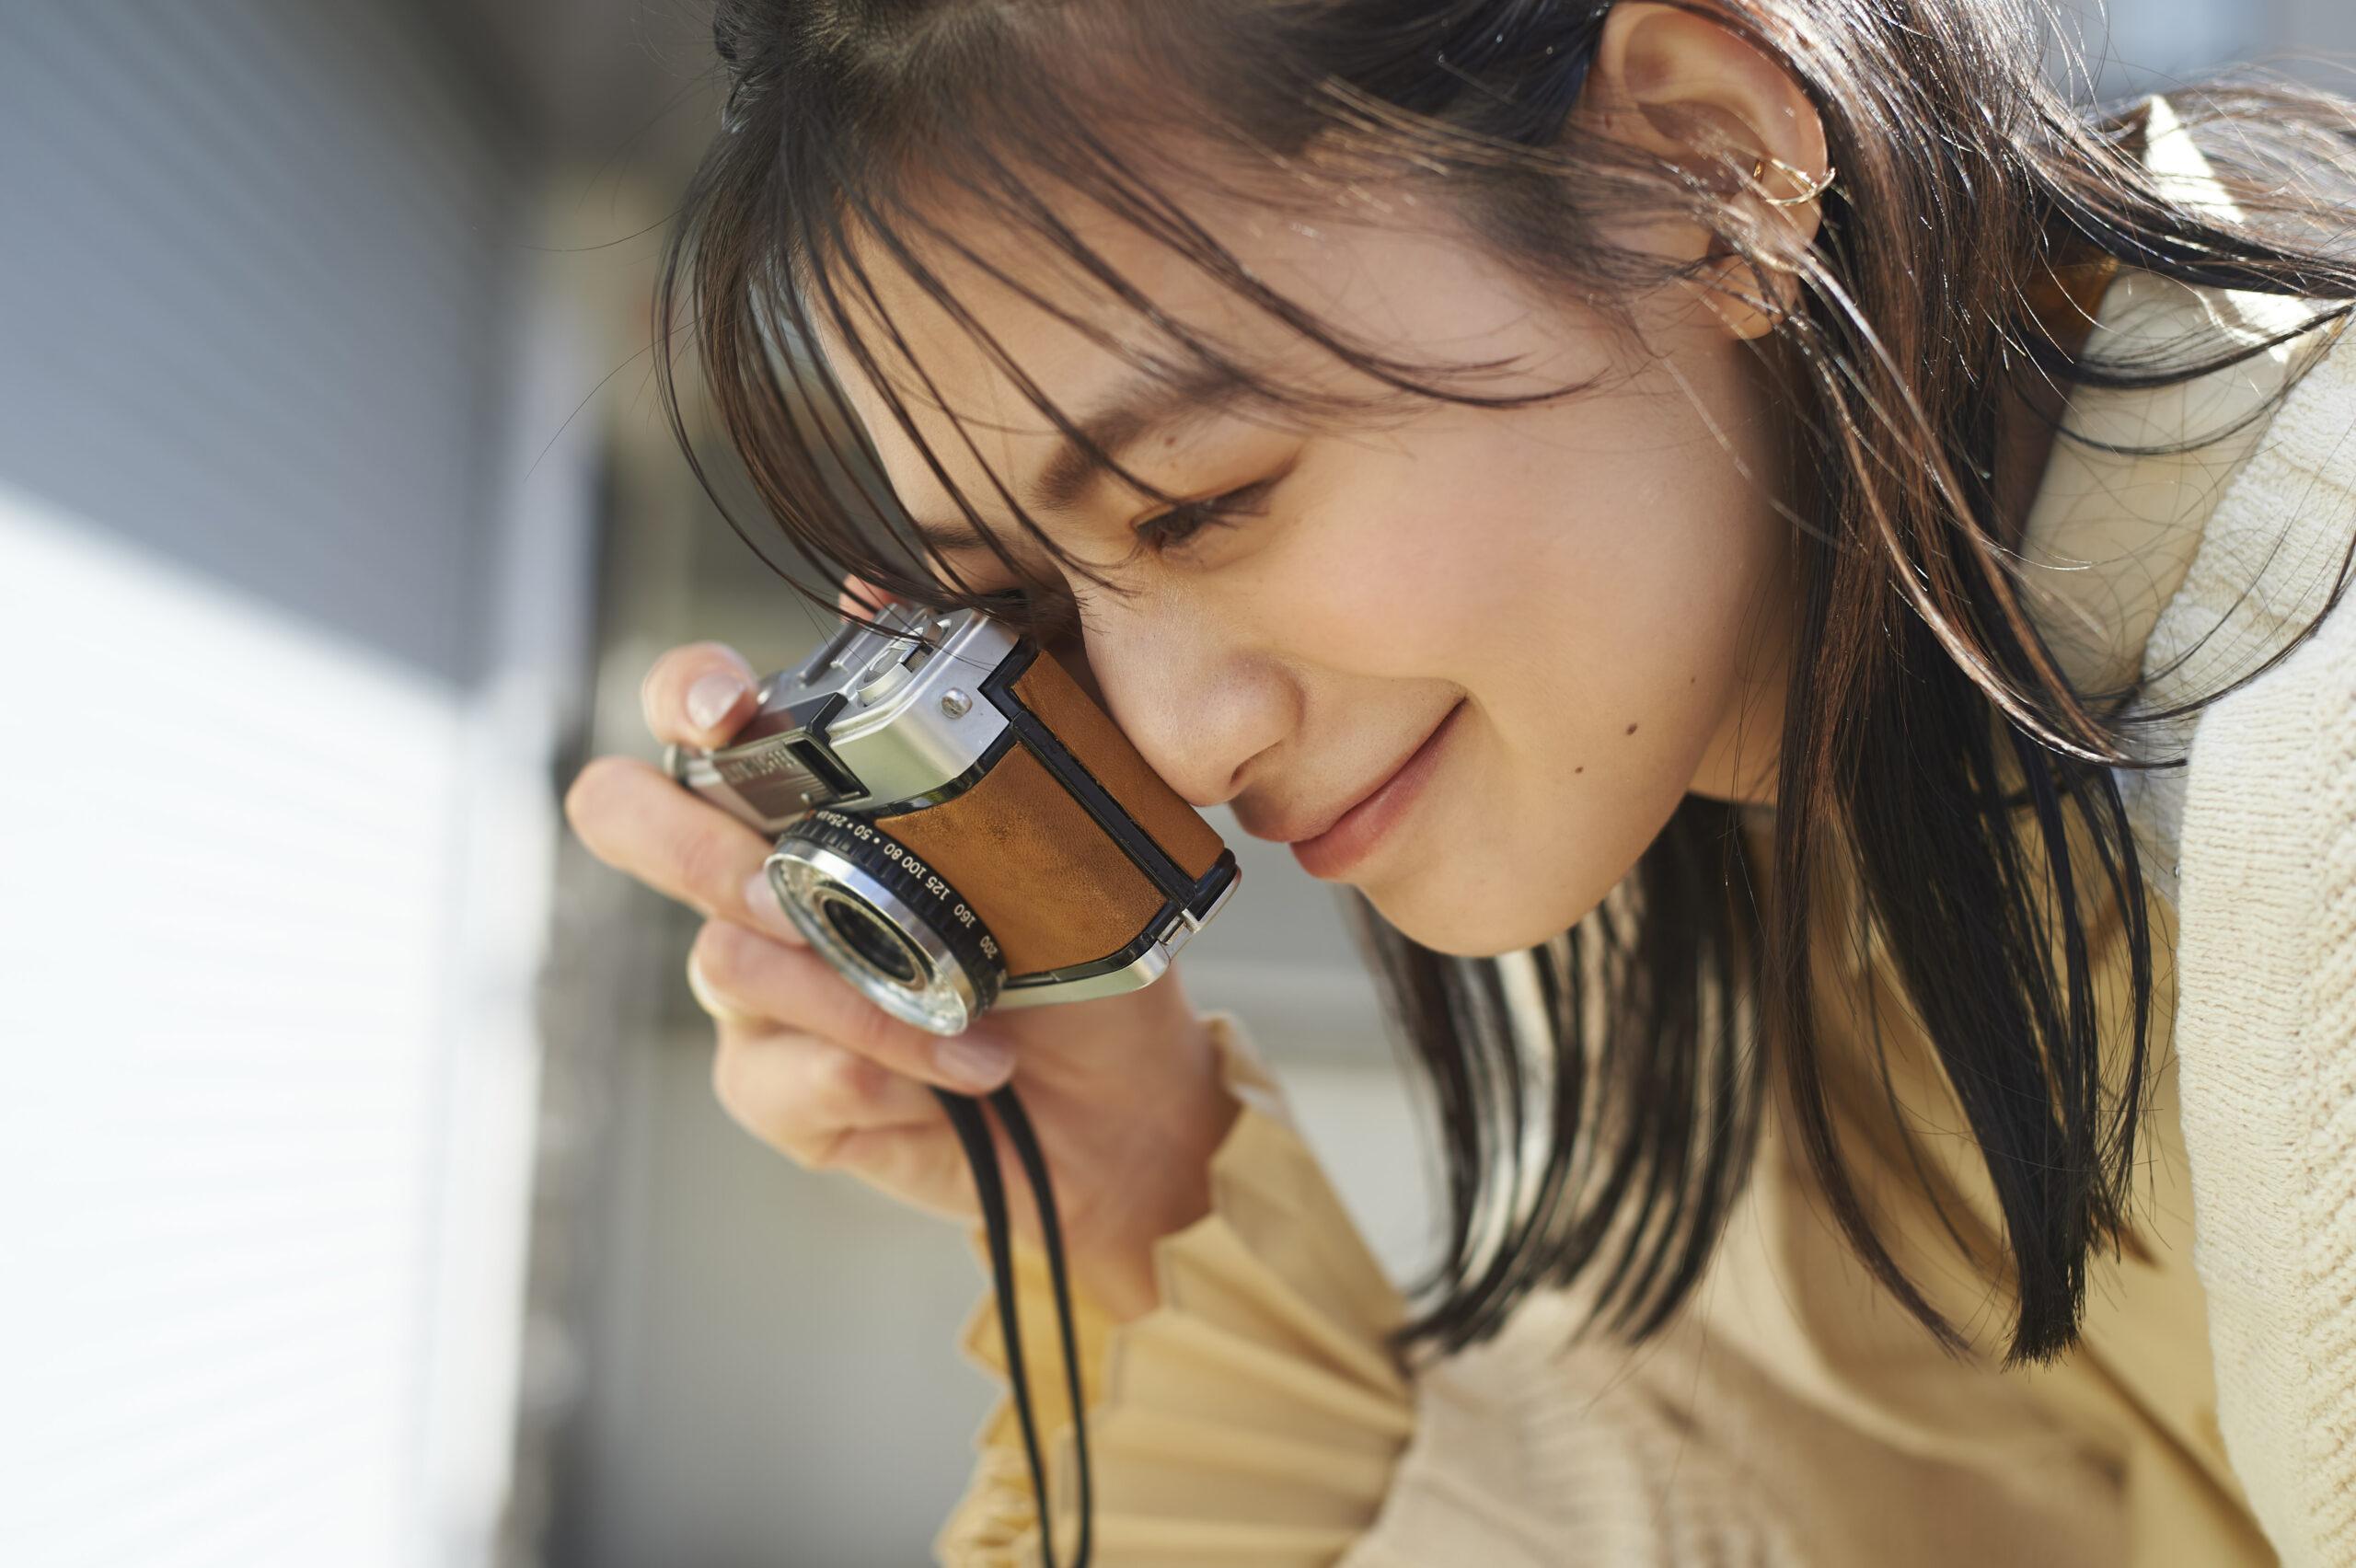 写真を撮っている女の子